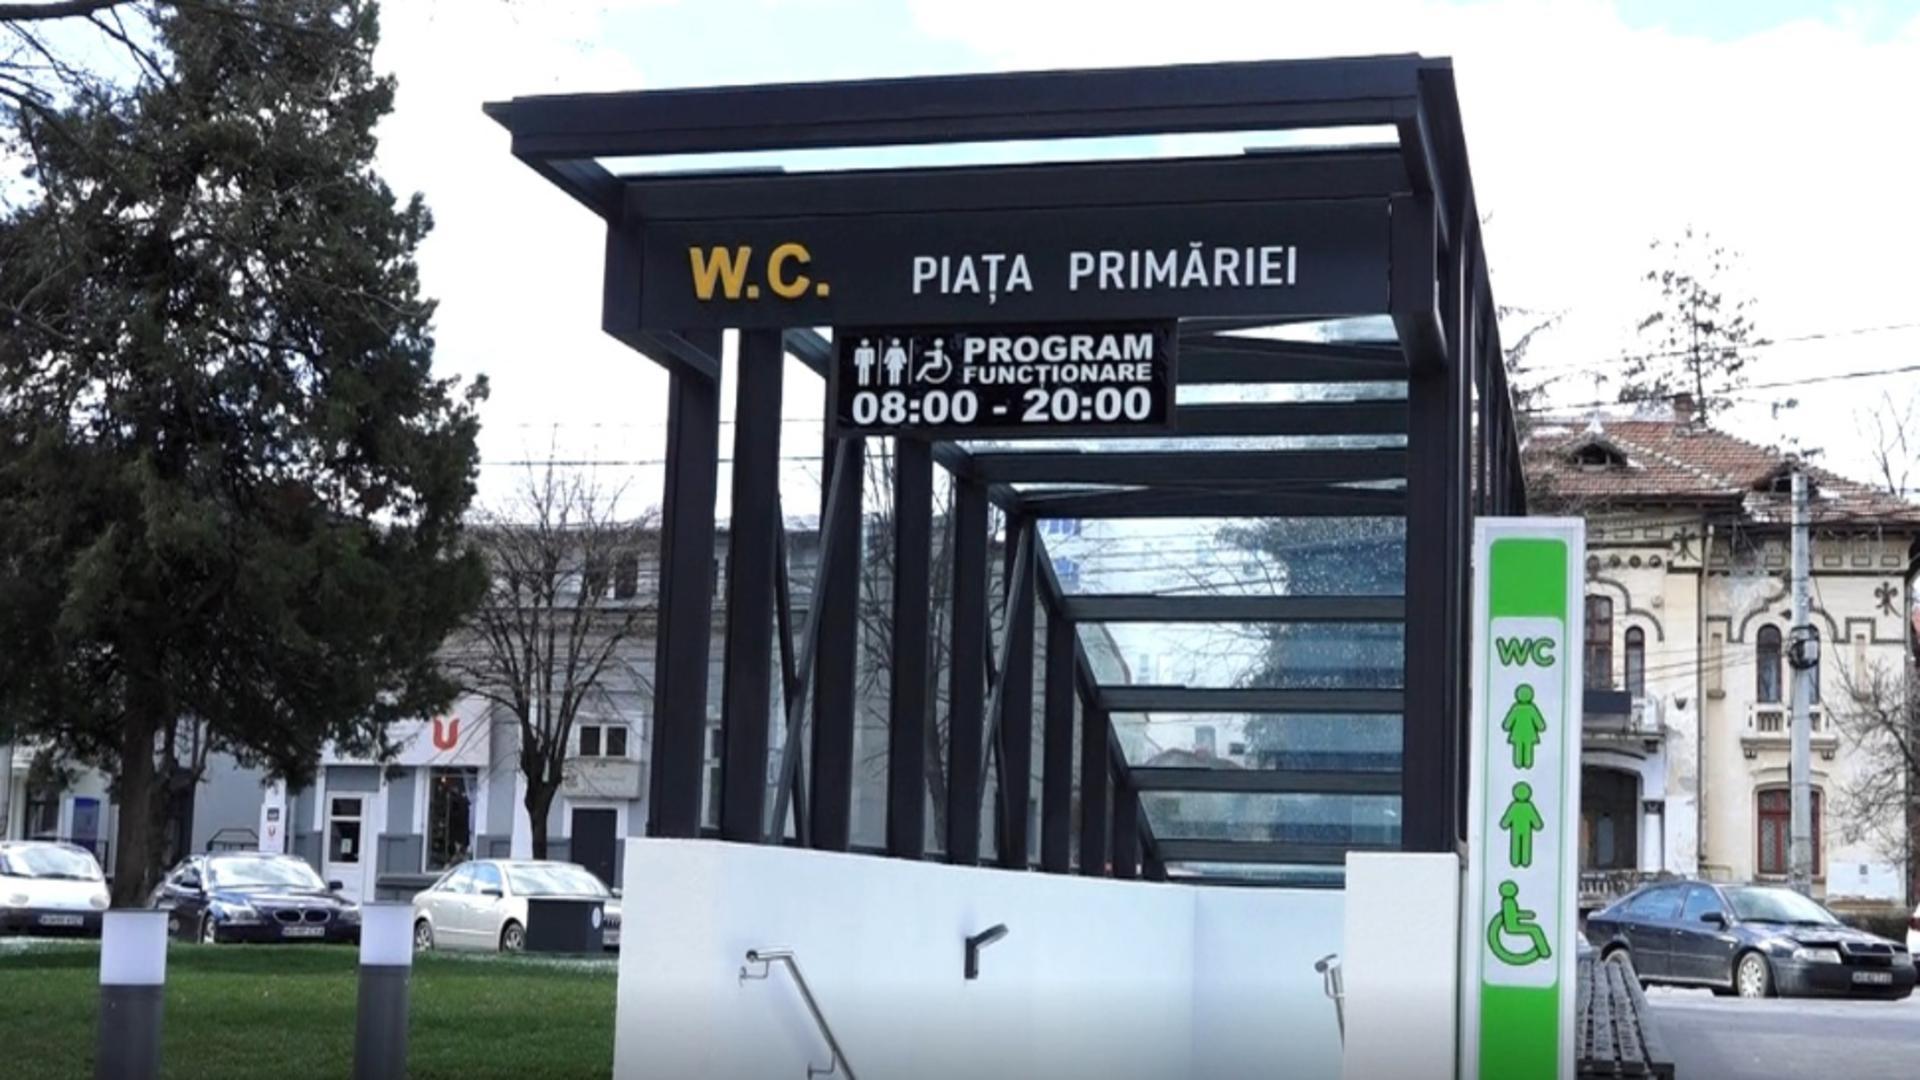 Cea mai scumpă toaletă publică din România - la control! Cine face verificări pentru cei 400.000 de euro cheltuiți